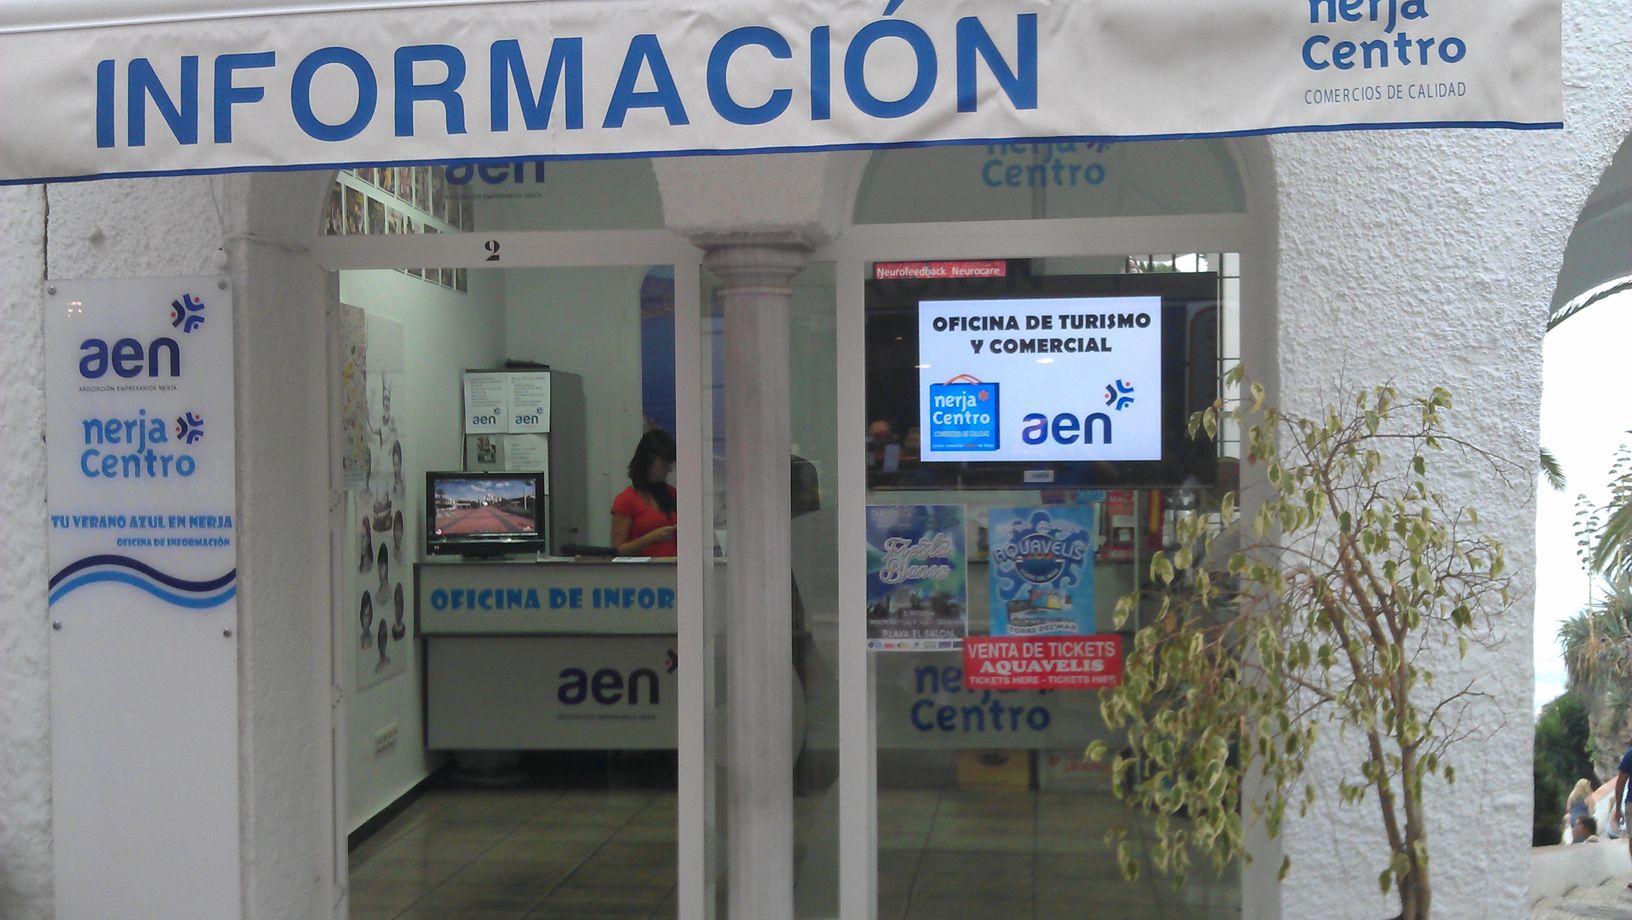 foto oficina comercial y turistica - aen - nerja centro